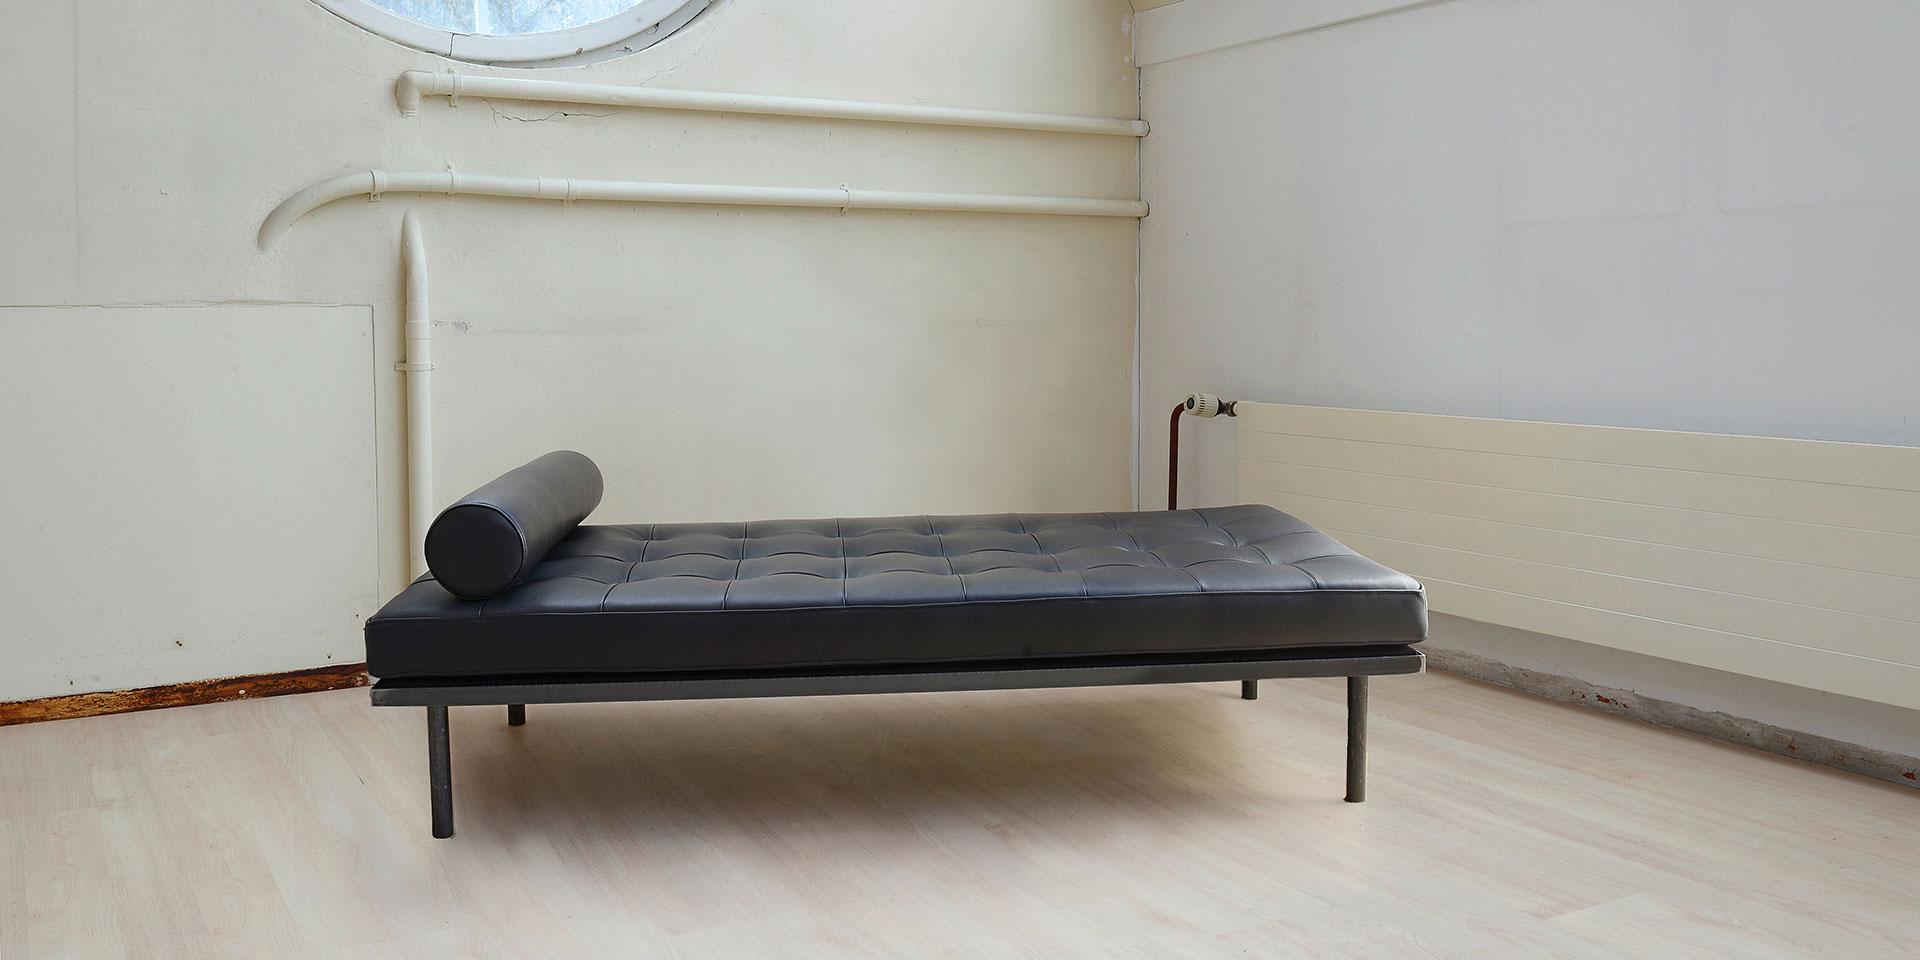 polster factory d pp polsterm bel m belbezug polsterwerkstatt polsterm bel neu beziehen. Black Bedroom Furniture Sets. Home Design Ideas